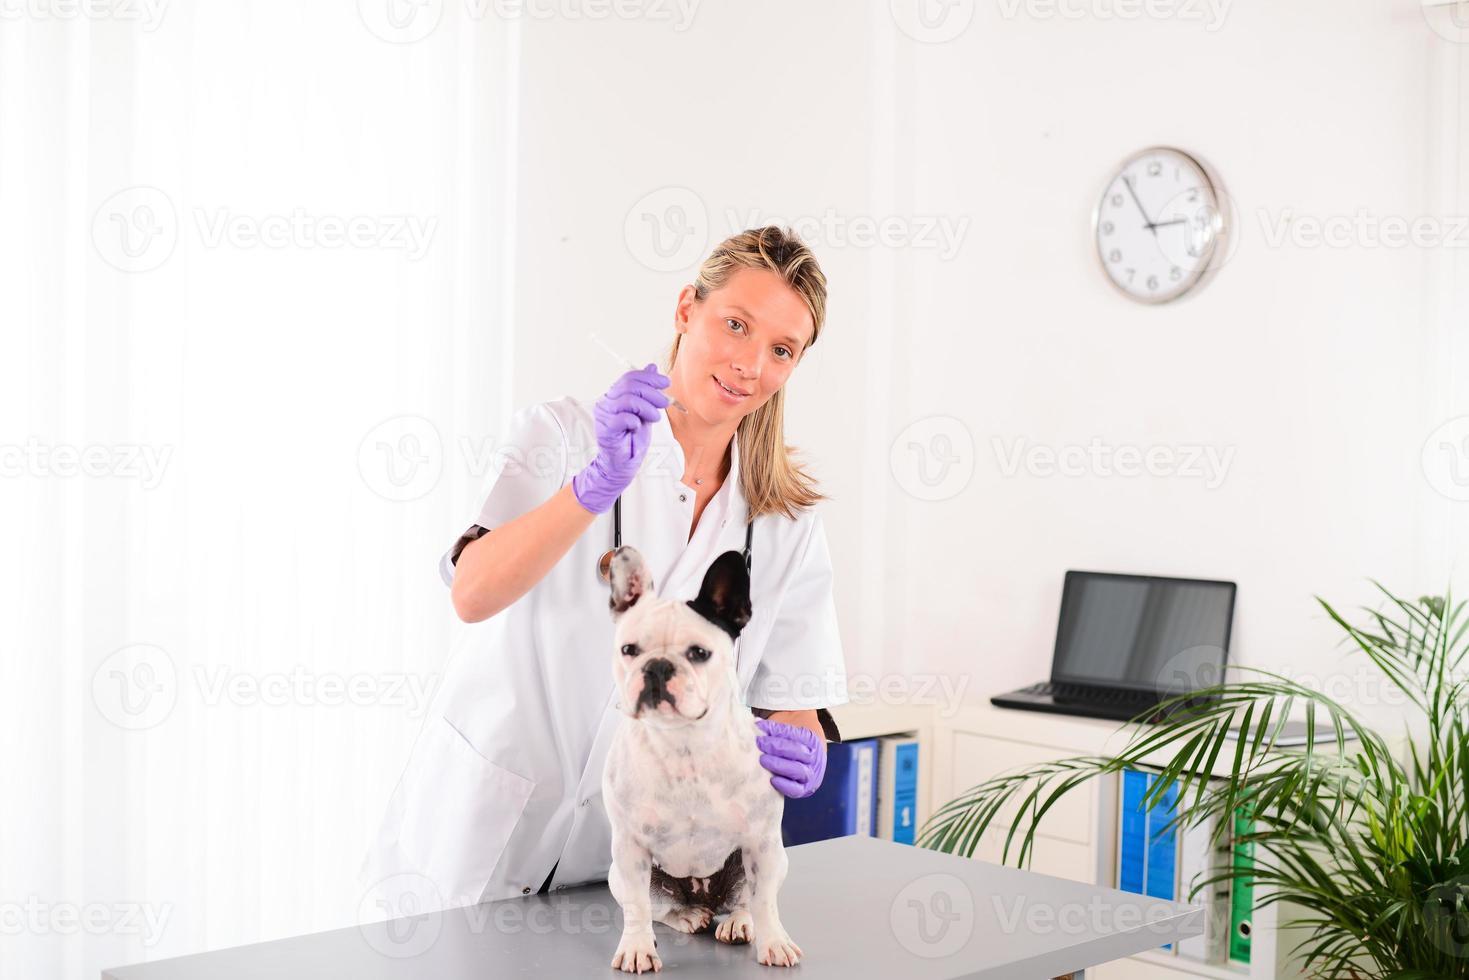 gai jeune vétérinaire en prenant soin de chien de compagnie bouledogue français photo